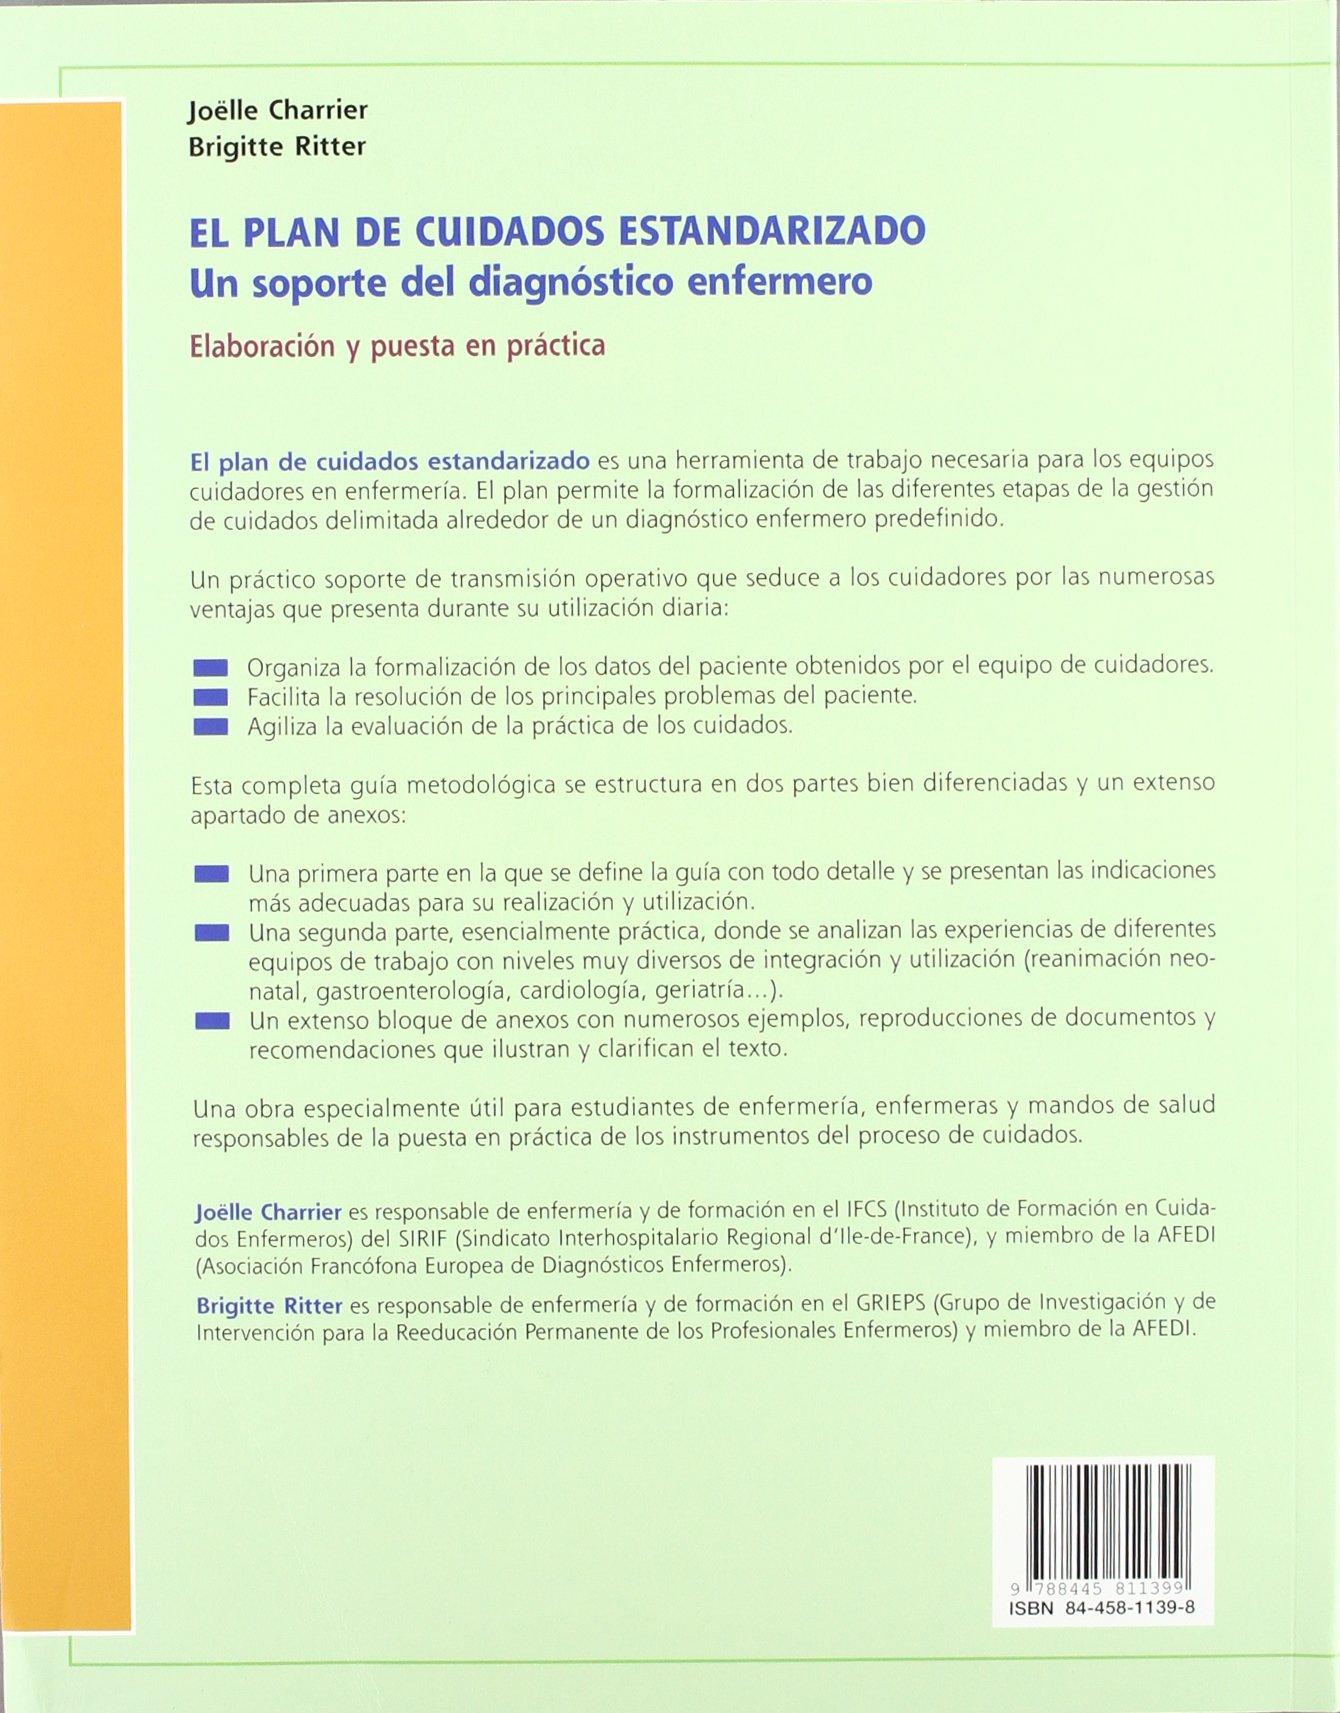 El Plan De Cuidados Estandarizado Un Soporte Del Diagnostico Enfermero Elaboracion Y Puesta En Practica Amazon Co Uk Charrier Joele Ritter Brigitte 9788445811399 Books